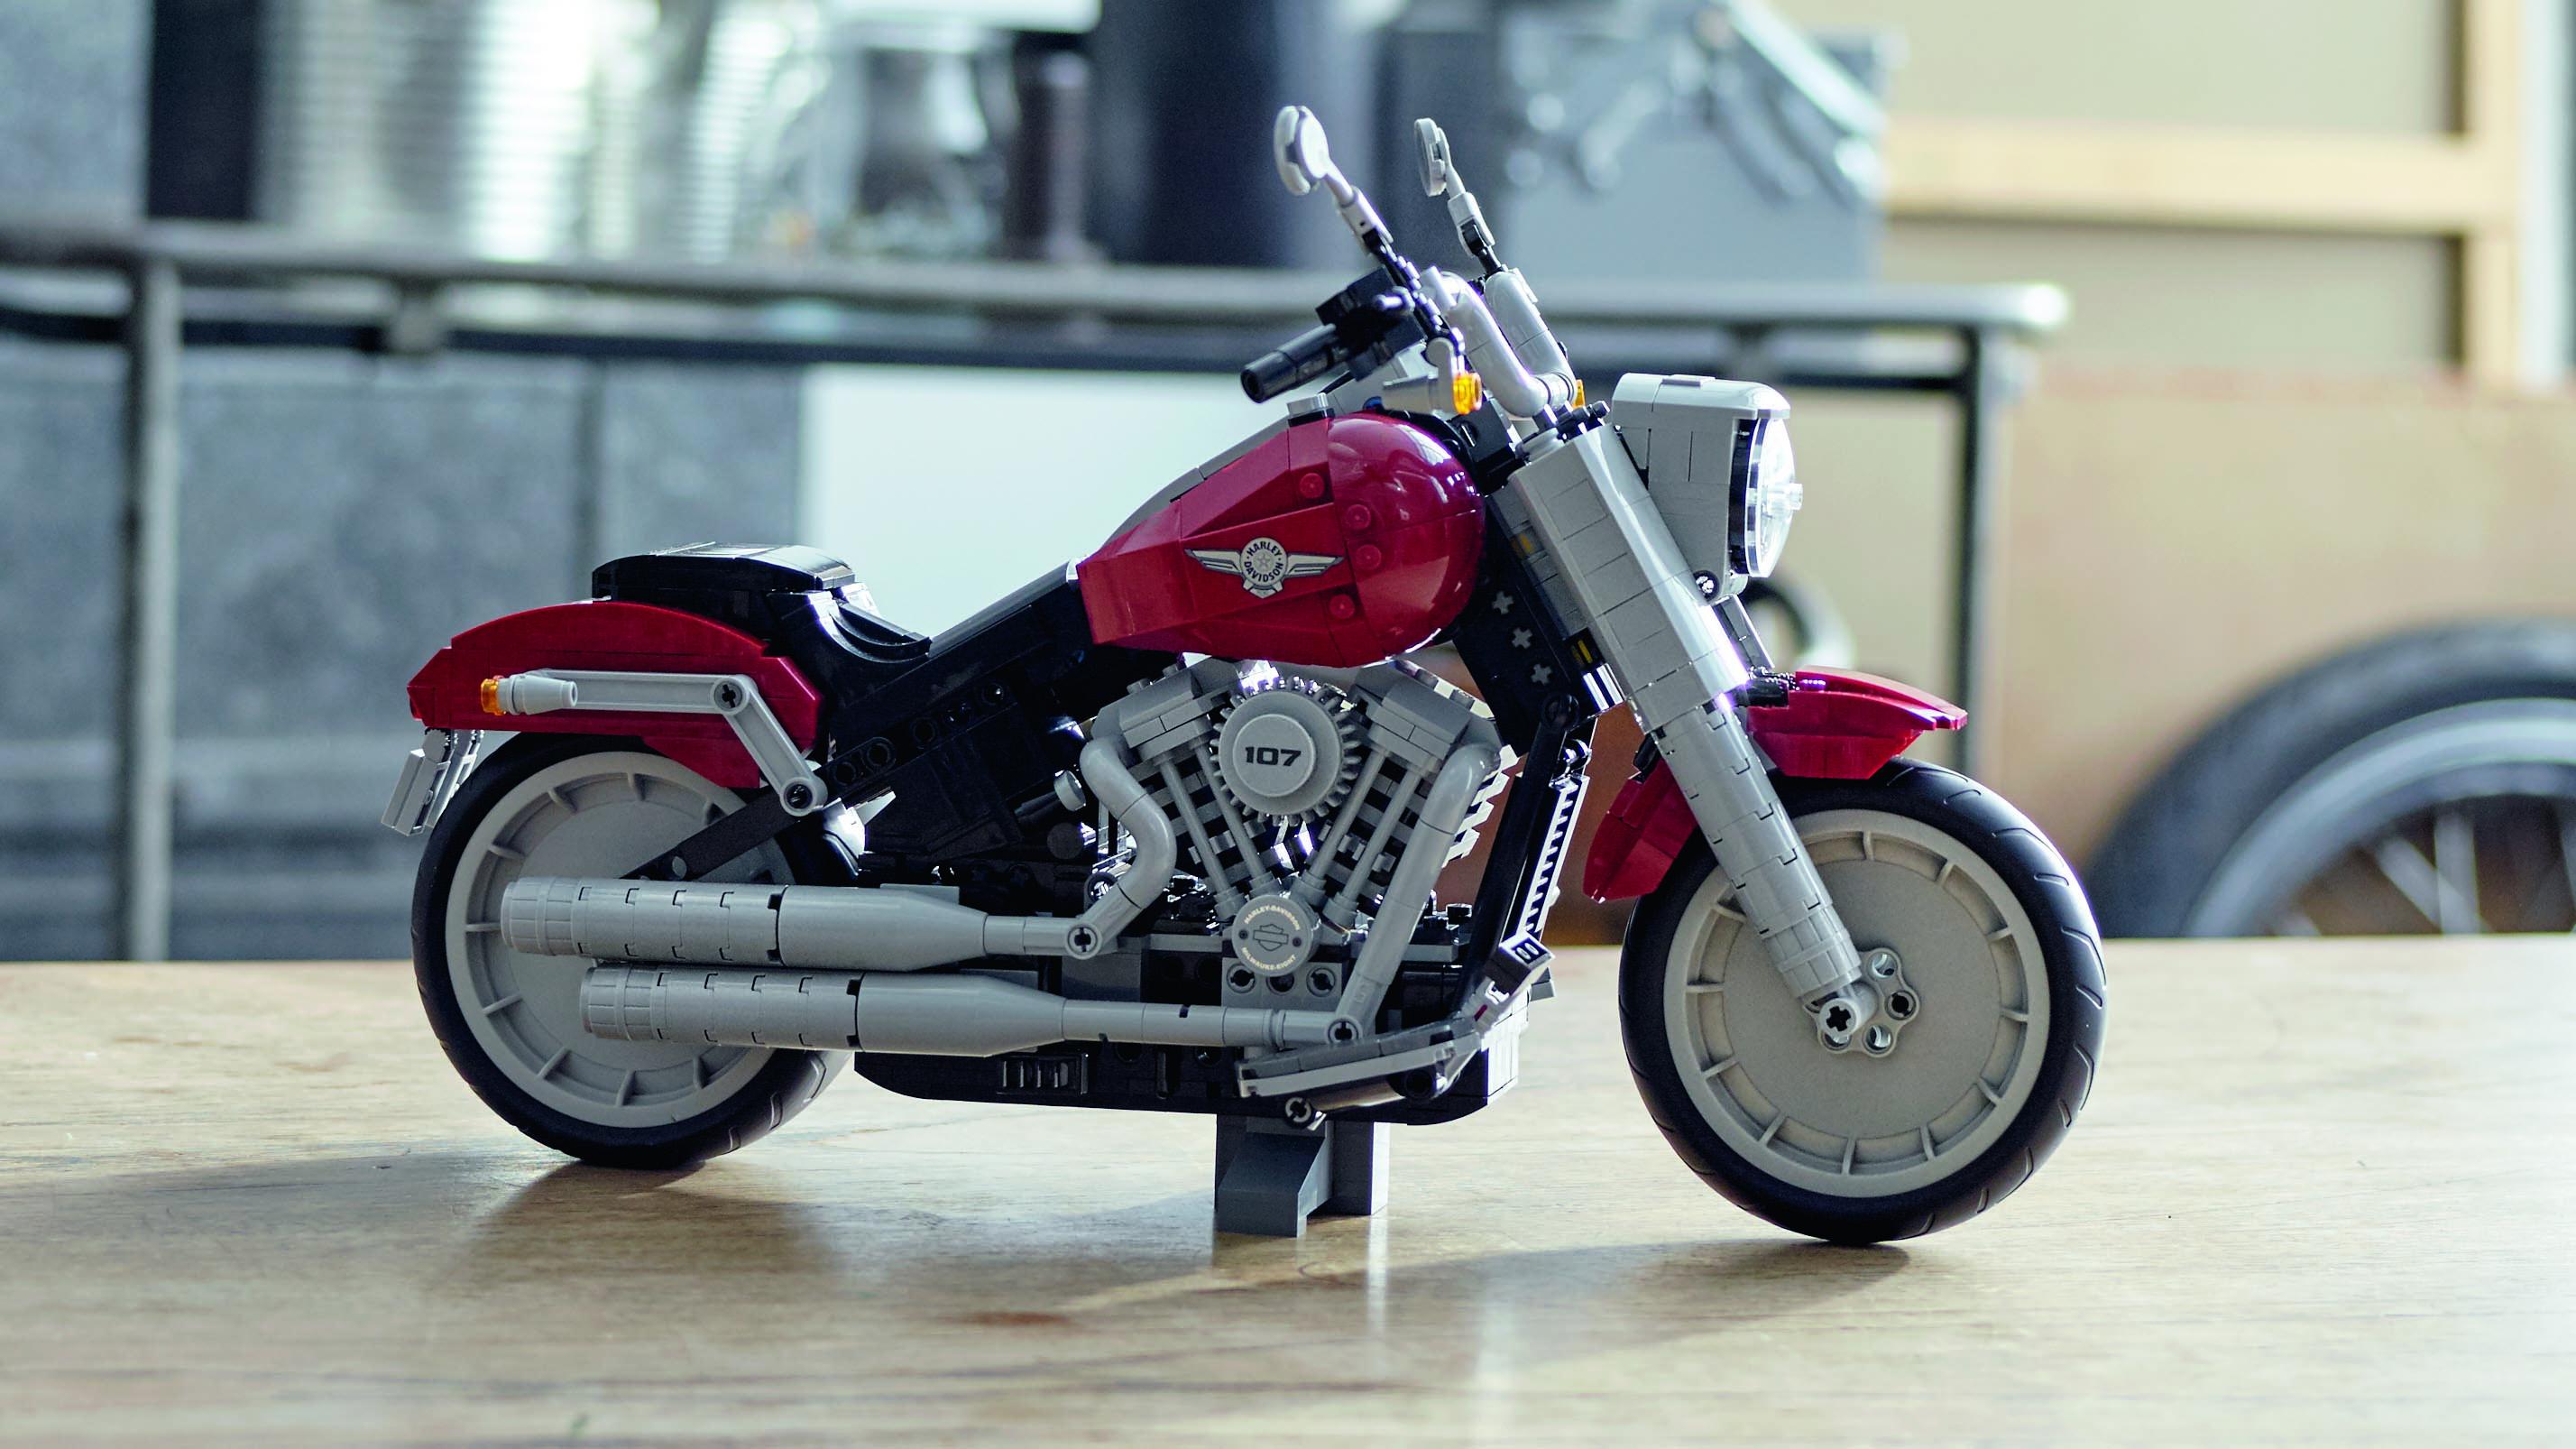 2019 Harley-Davidson Fat Boy Lego kit Photo Gallery | Autoblog